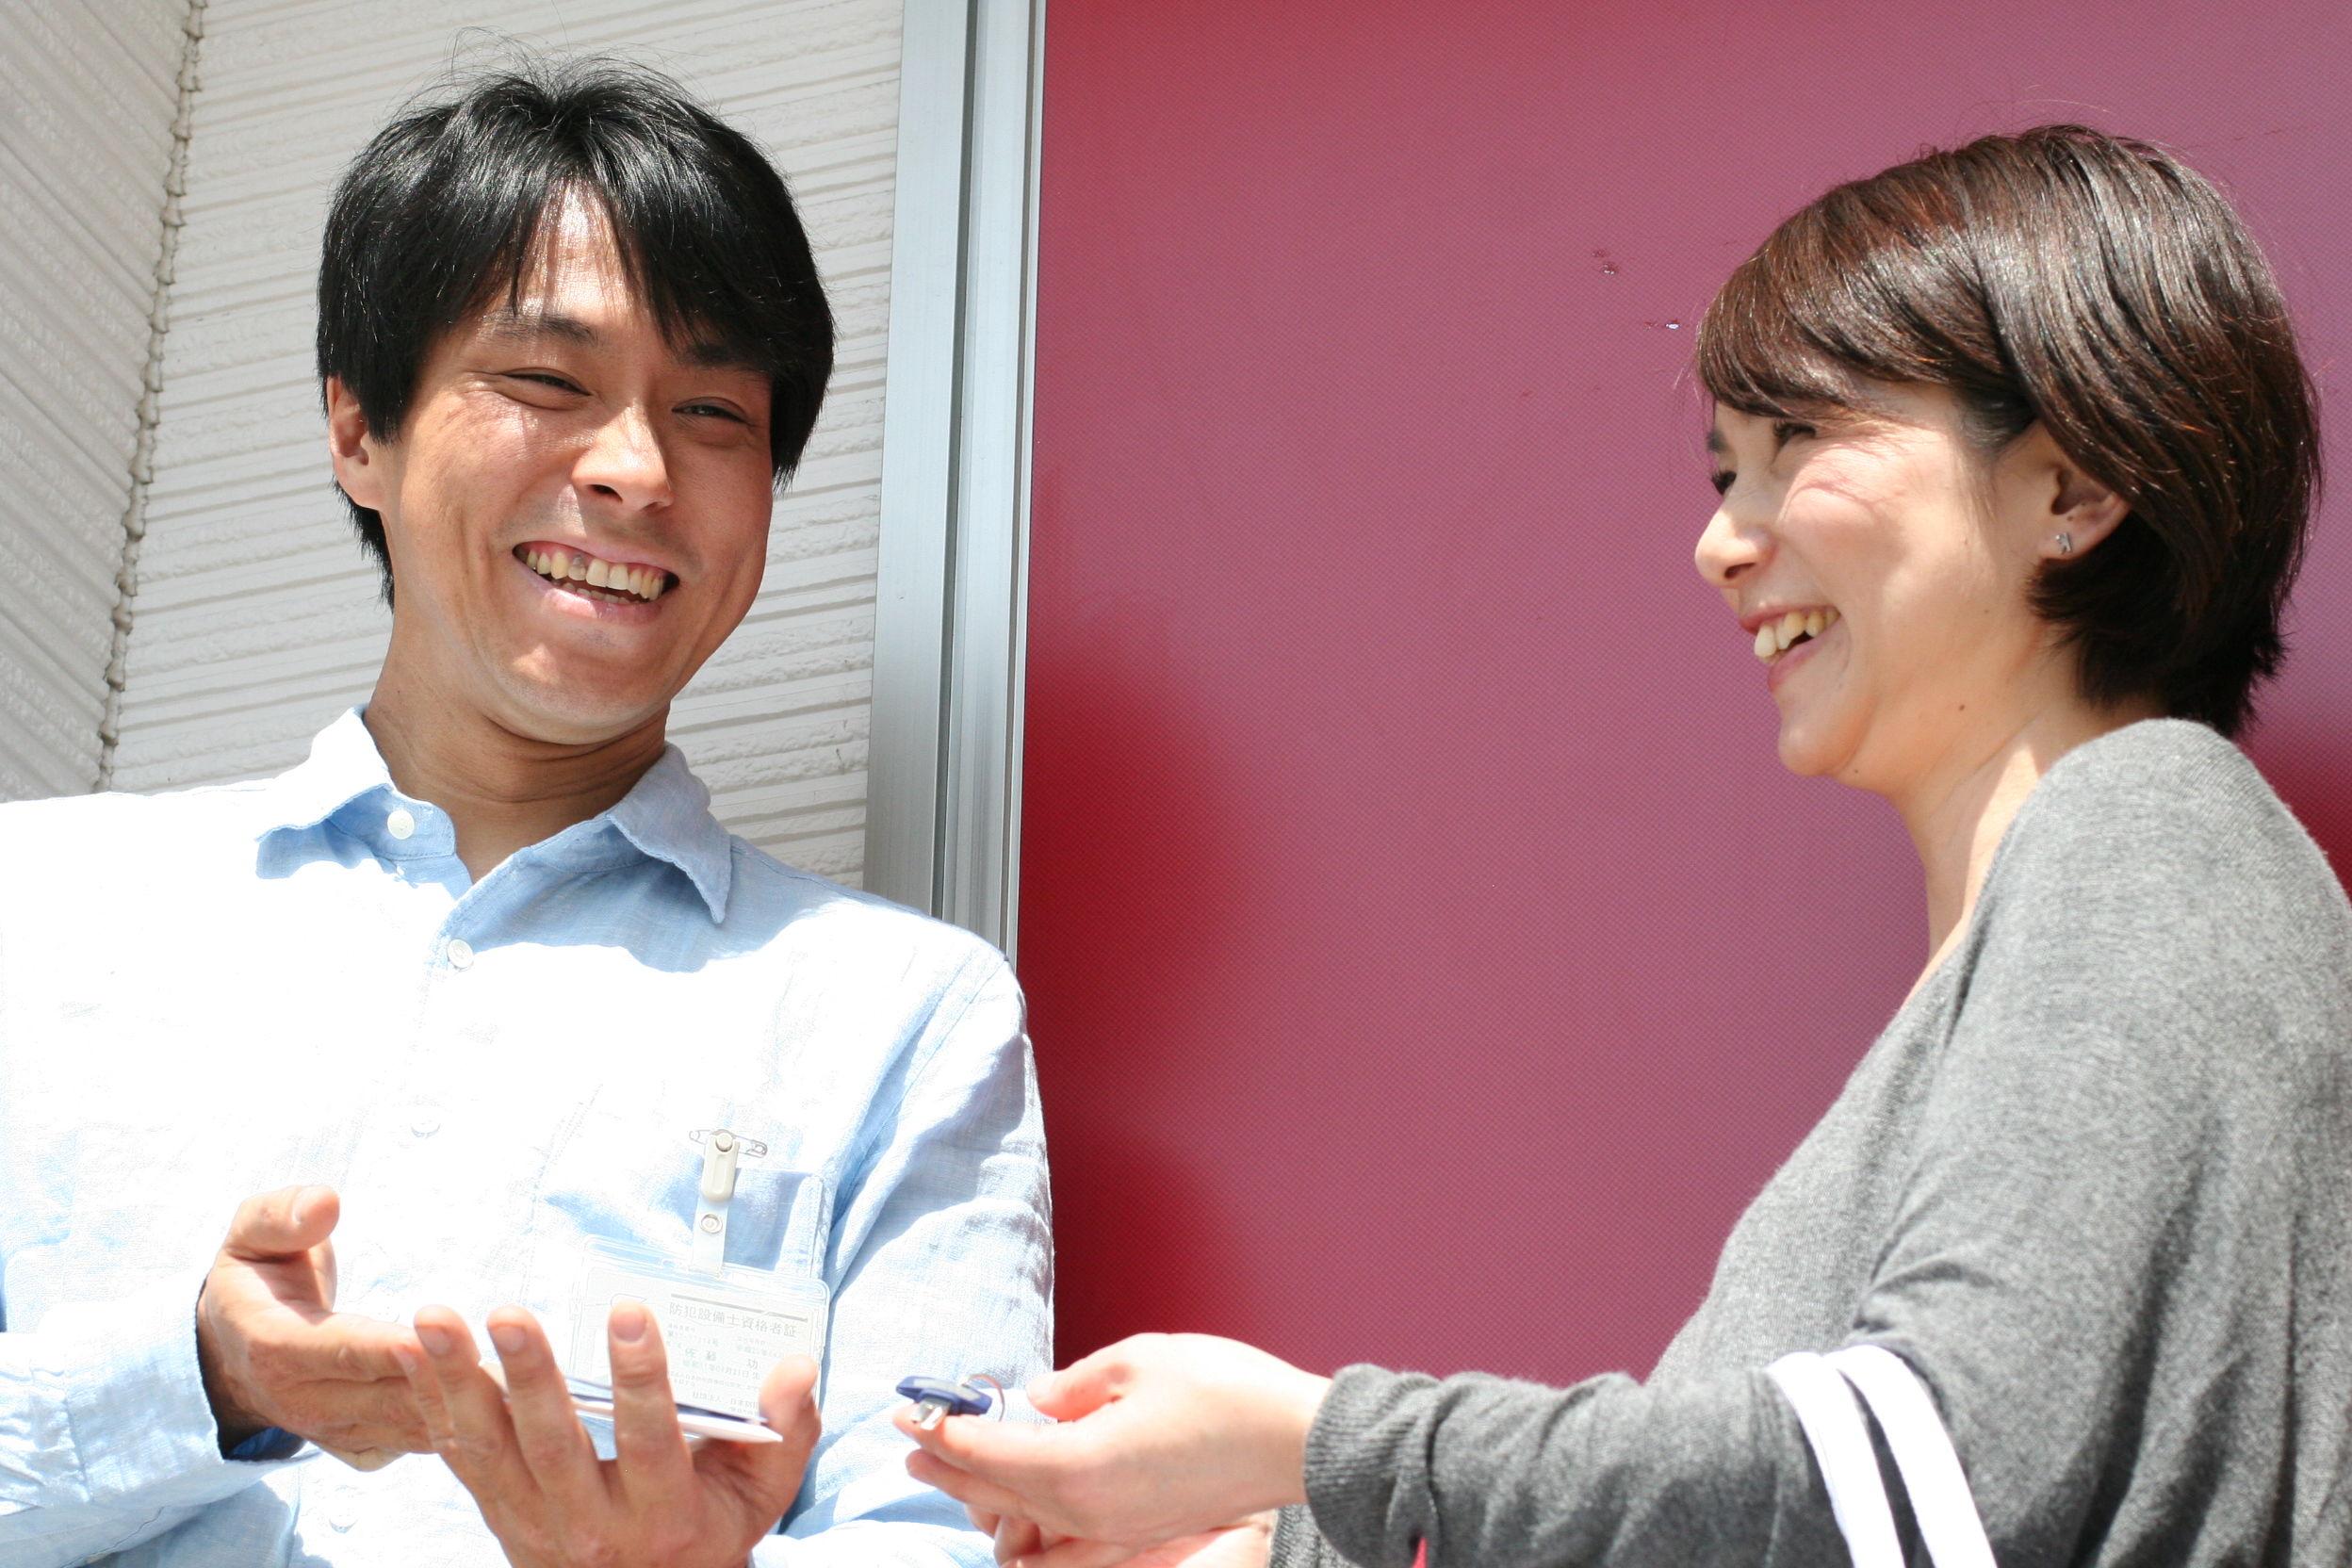 鍵のトラブル救急車【名古屋市港区 出張エリア】のメイン画像